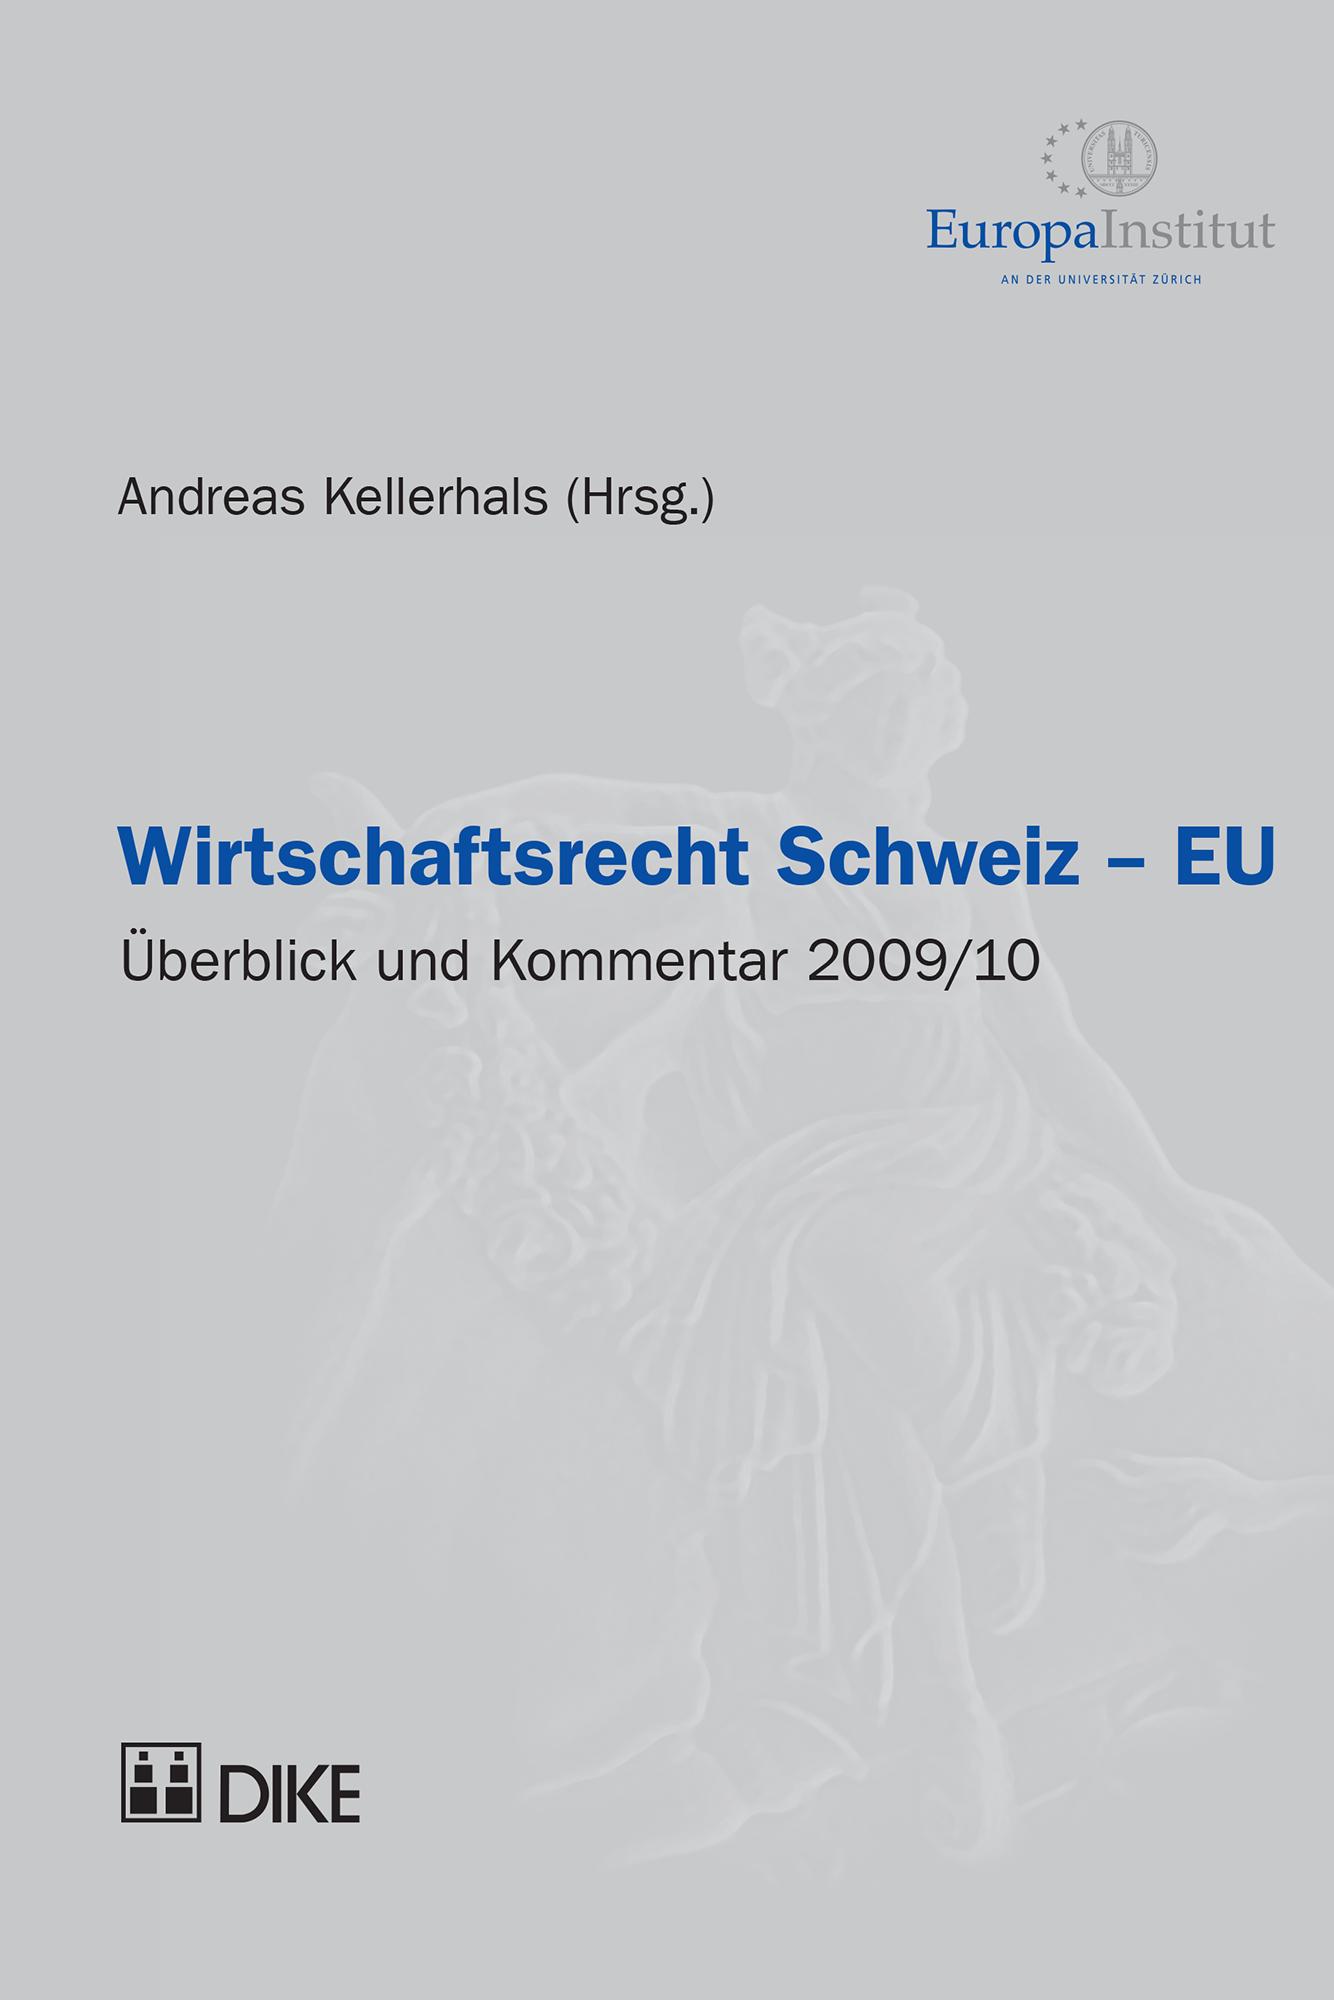 Wirtschaftsrecht Schweiz - EU 2009/10